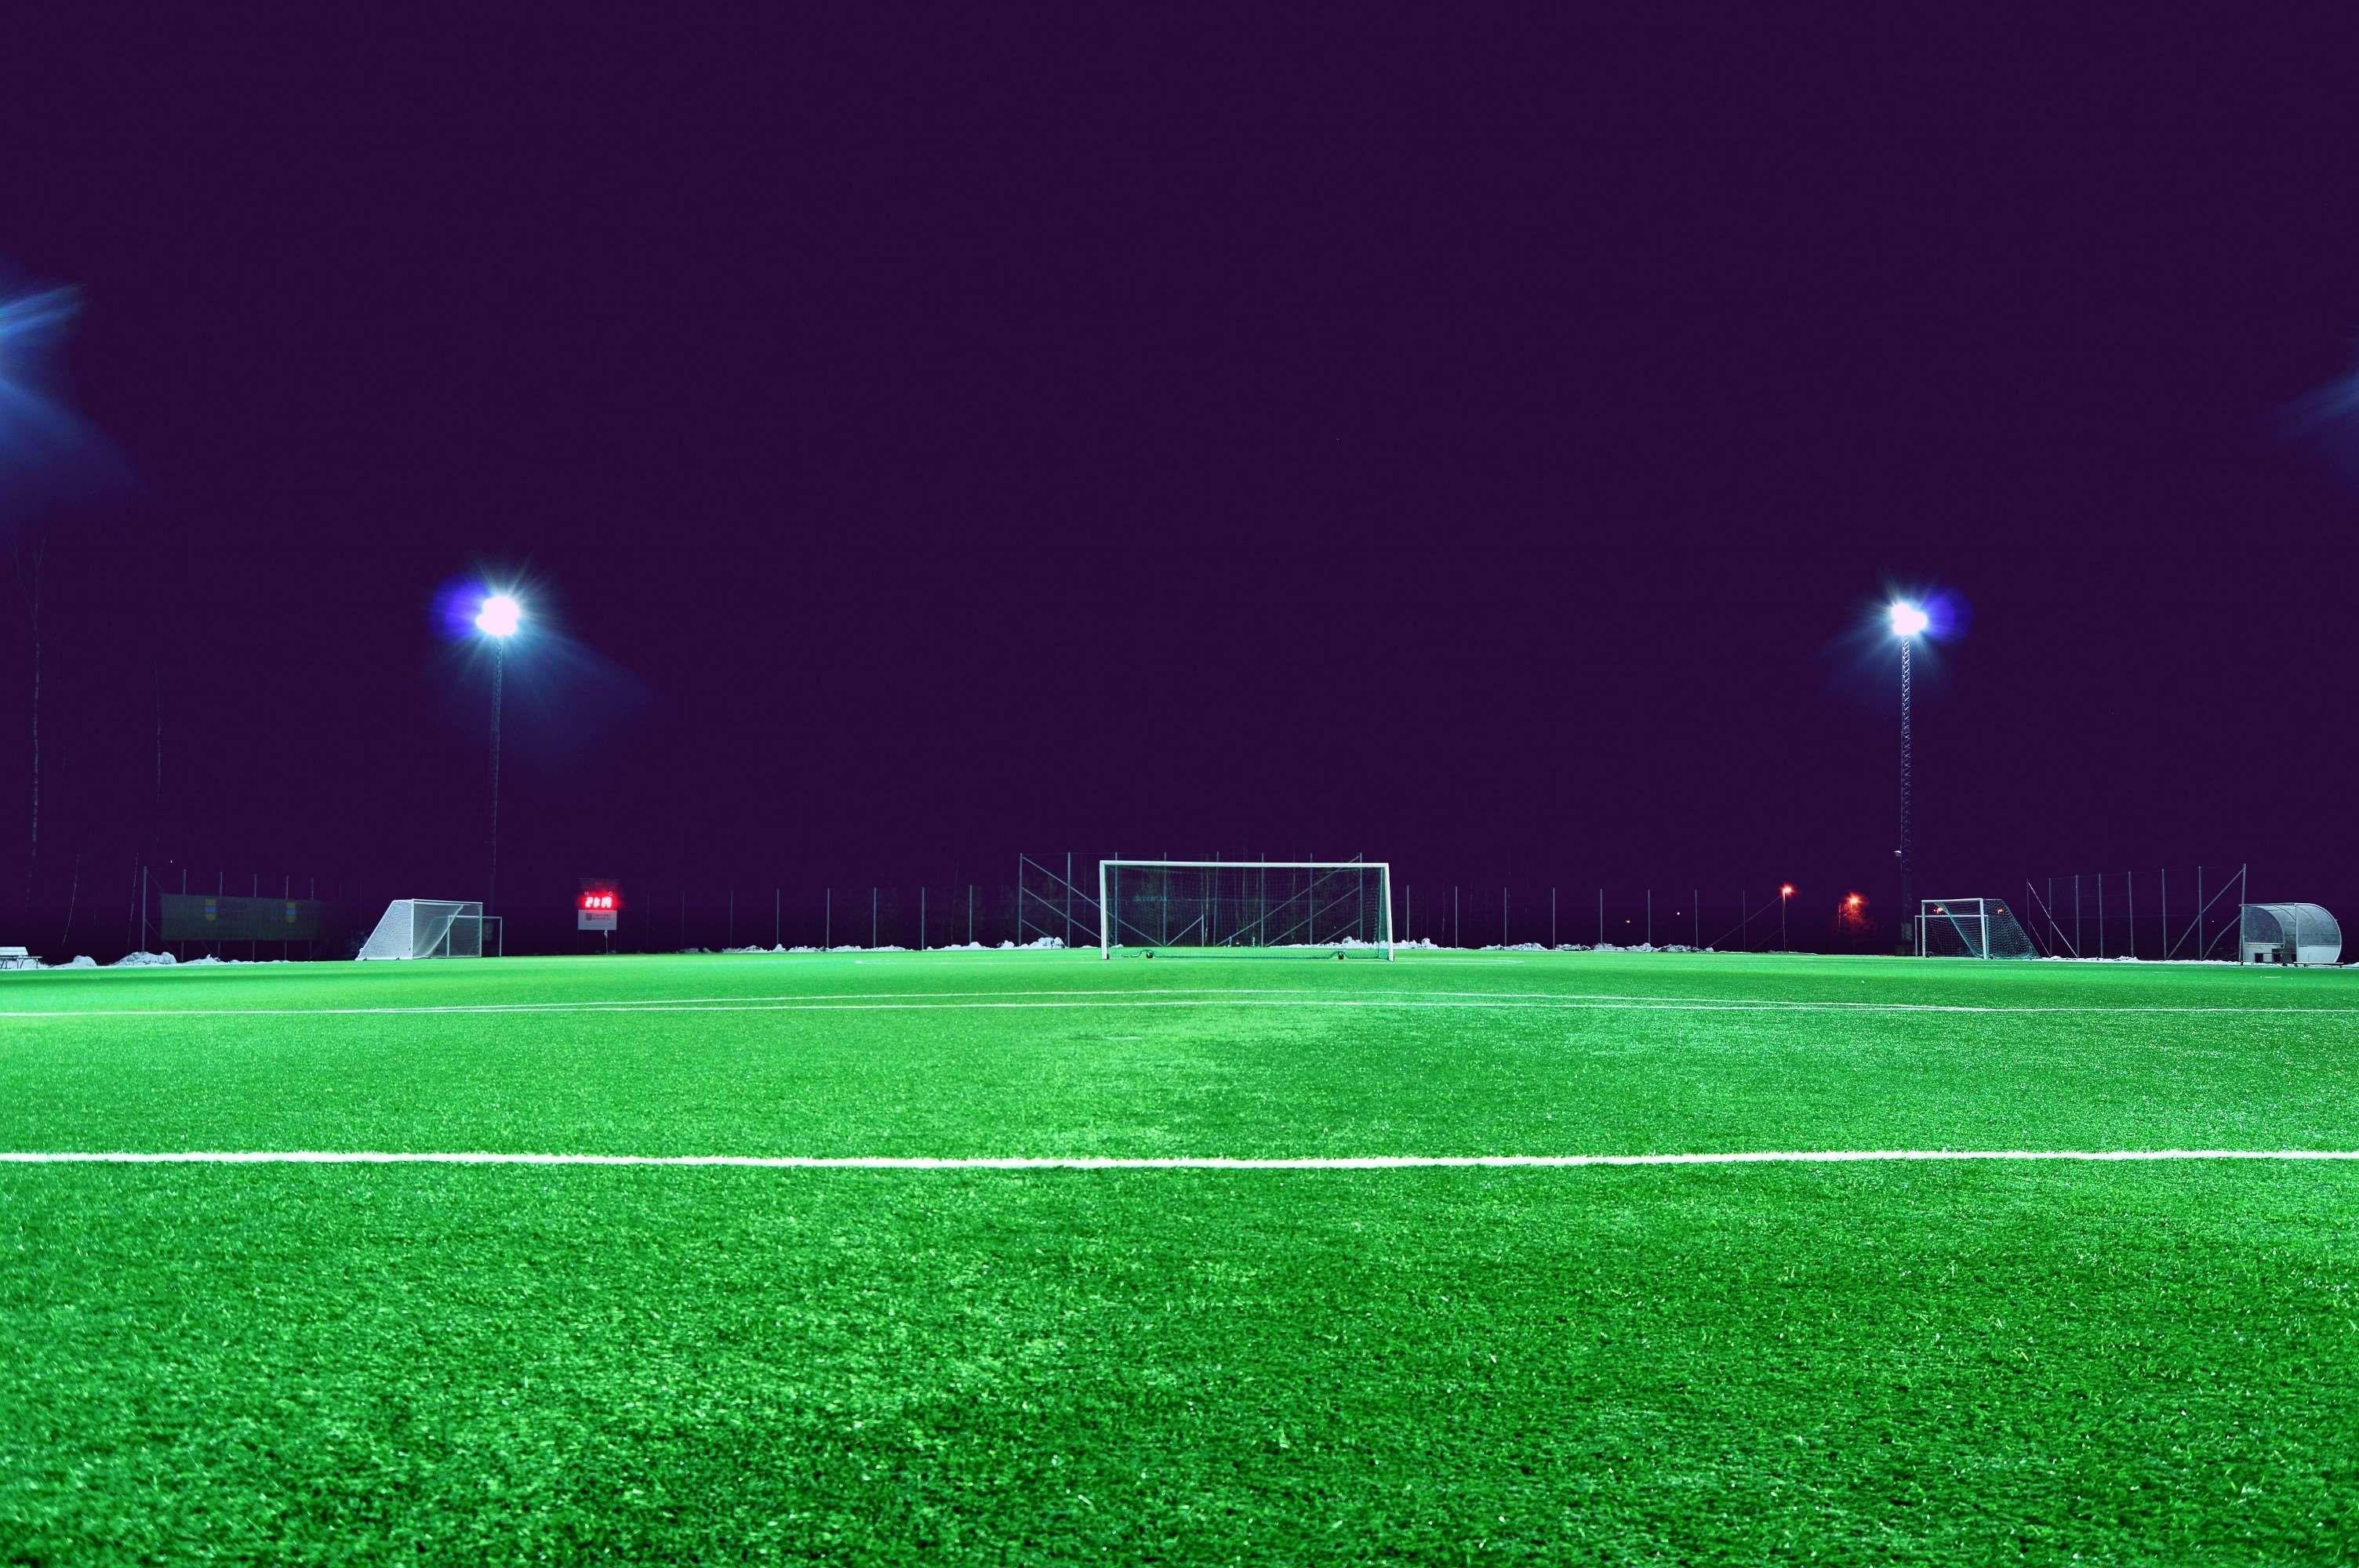 Evening Field Football Field Goal Grass Green Ground Lawn Lights Night Open Field Outdoors Soccer Soccer Field Football Field Soccer Soccer Field